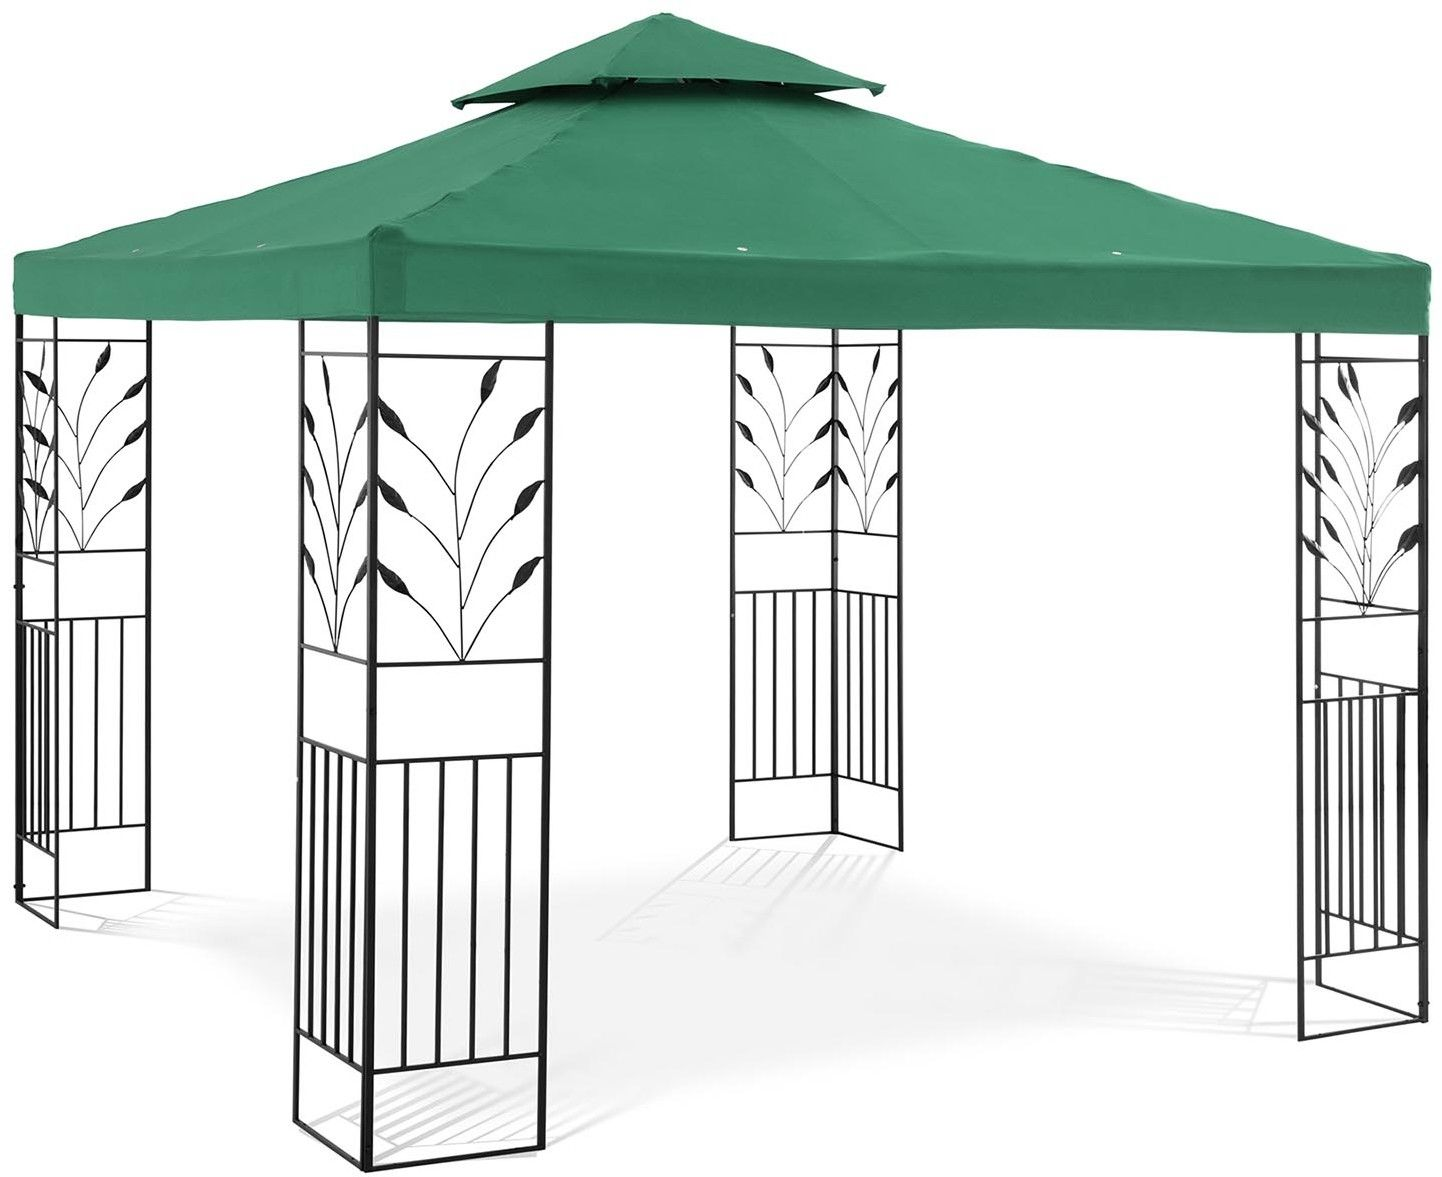 Pawilon ogrodowy - ornament - ciemnozielony - Uniprodo - UNI_PERGOLA_3X3G - 3 lata gwarancji/wysyłka w 24h